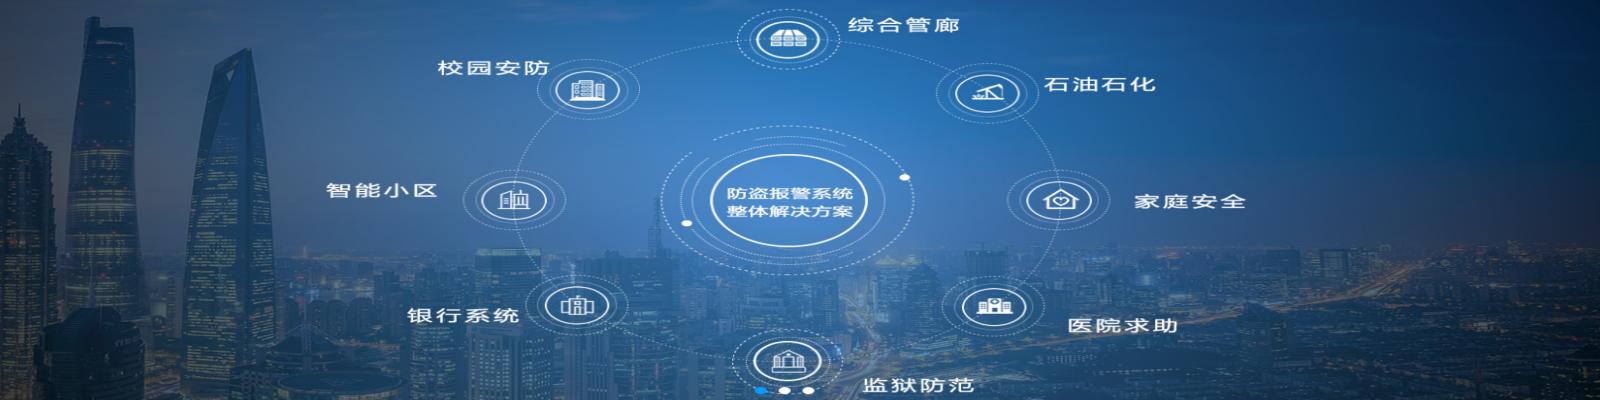 重庆聚叶科技有限公司